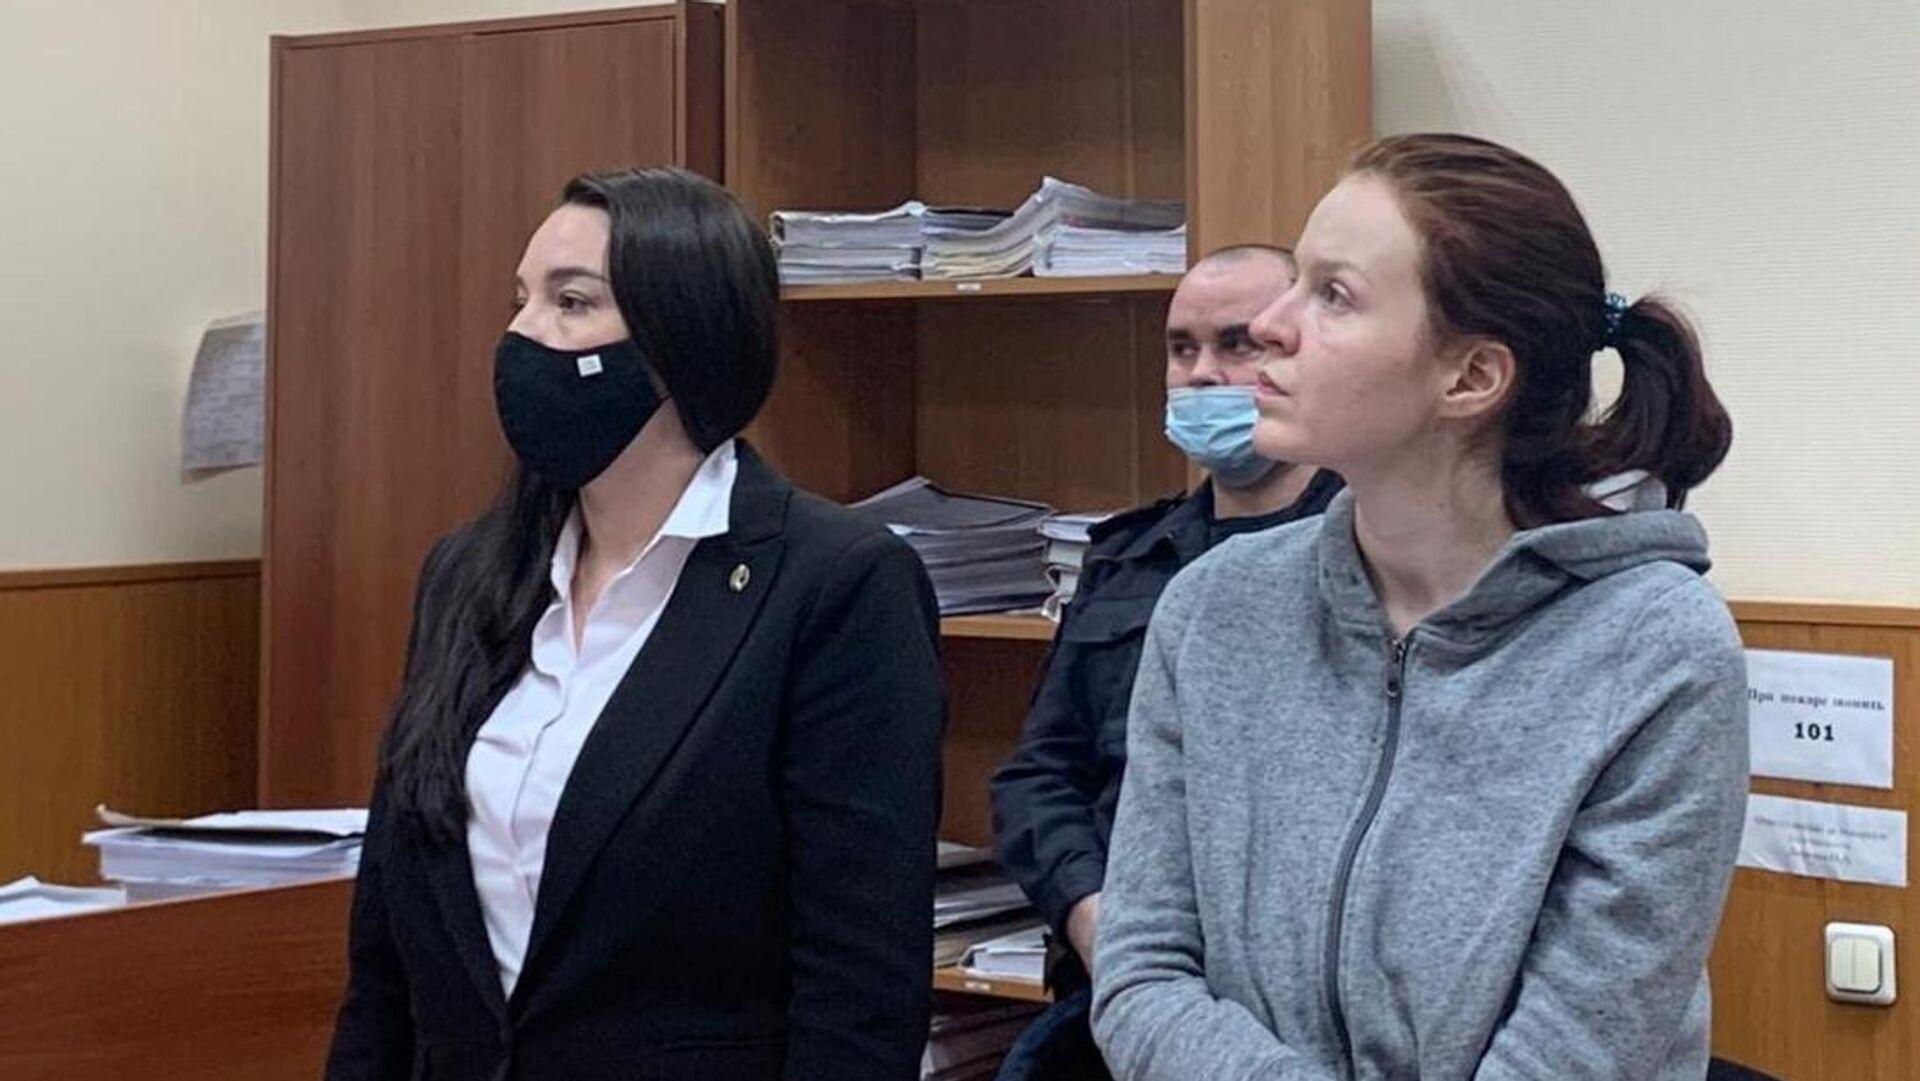 Пресс-секретарю Навального Ярмыш продлили домашний арест на полгода